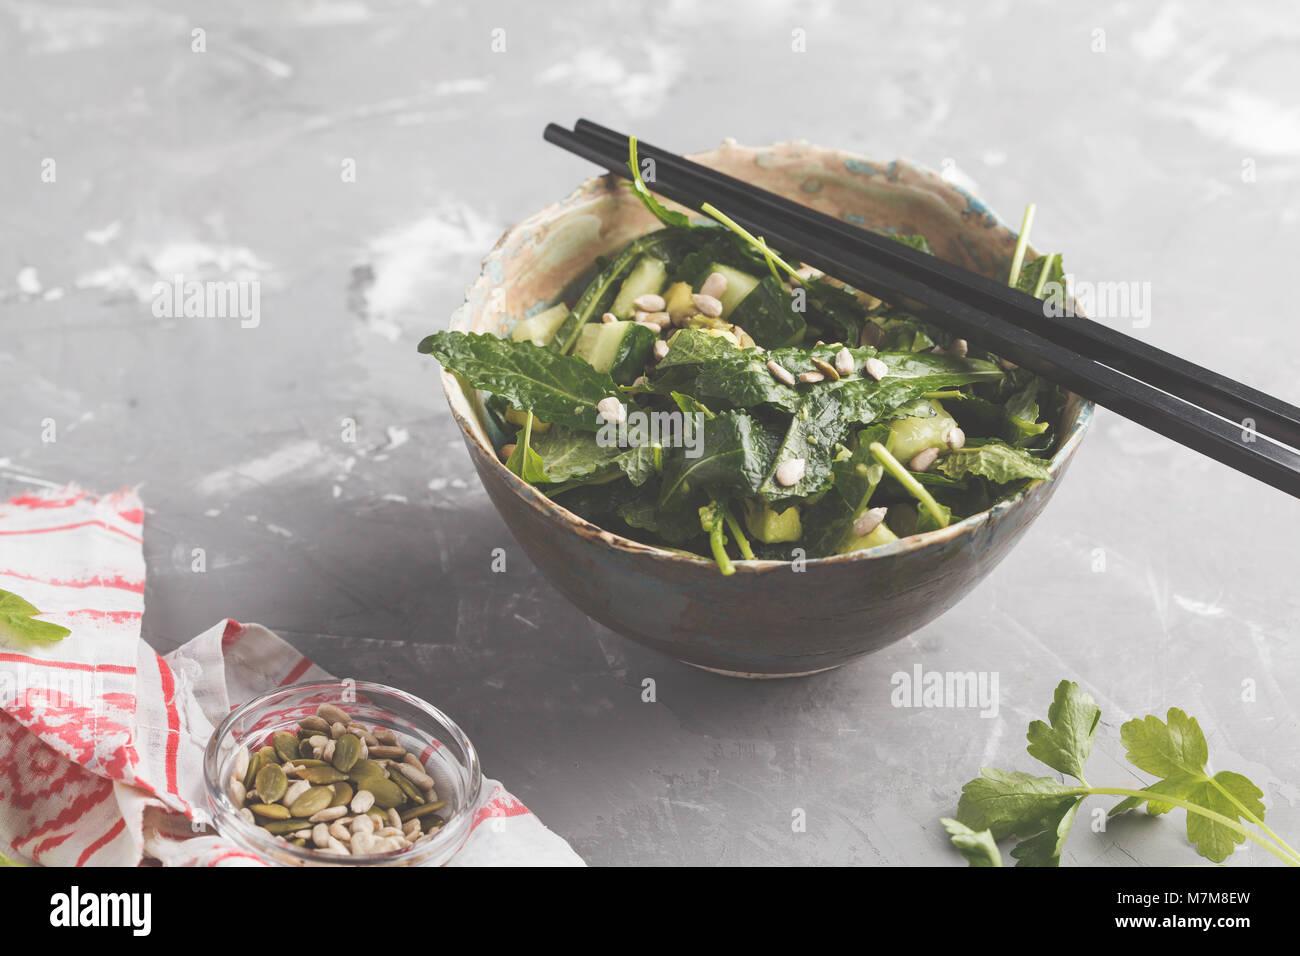 Kale végétalien vert, le concombre, les graines de tournesol de la salade. Concept alimentaire végétarien Photo Stock